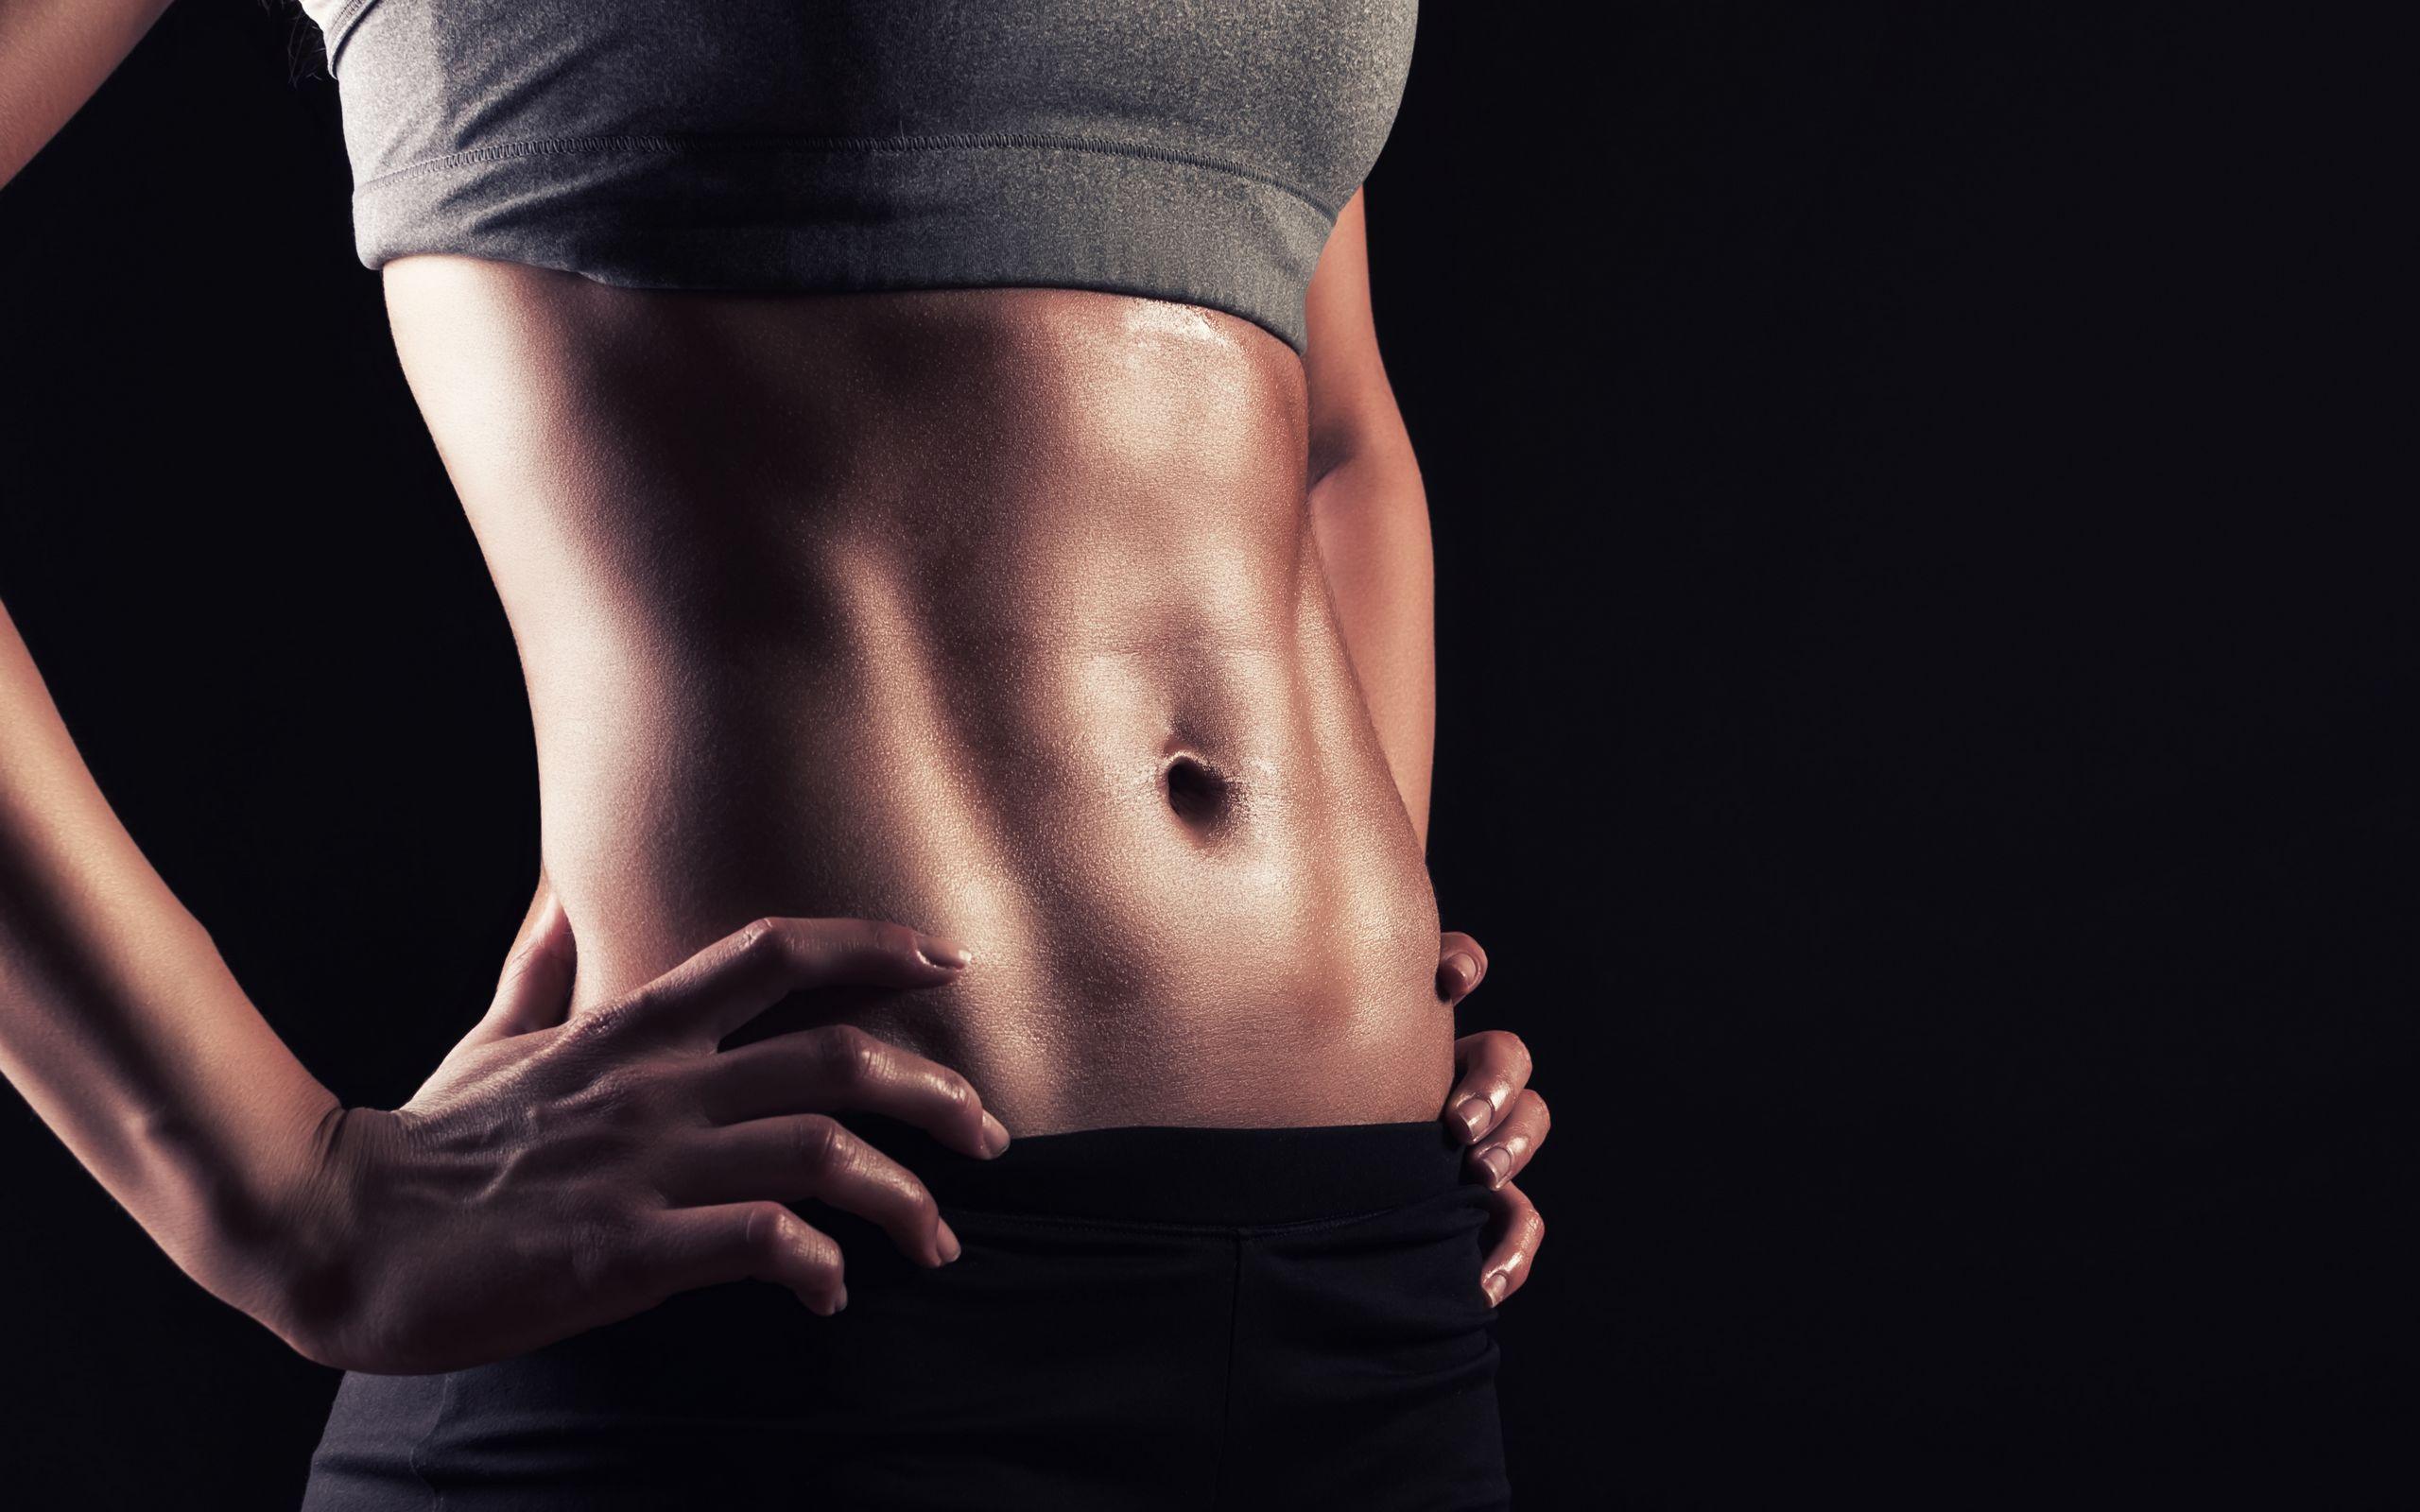 有用的睡前腹肌练习行动大全-追梦健身网